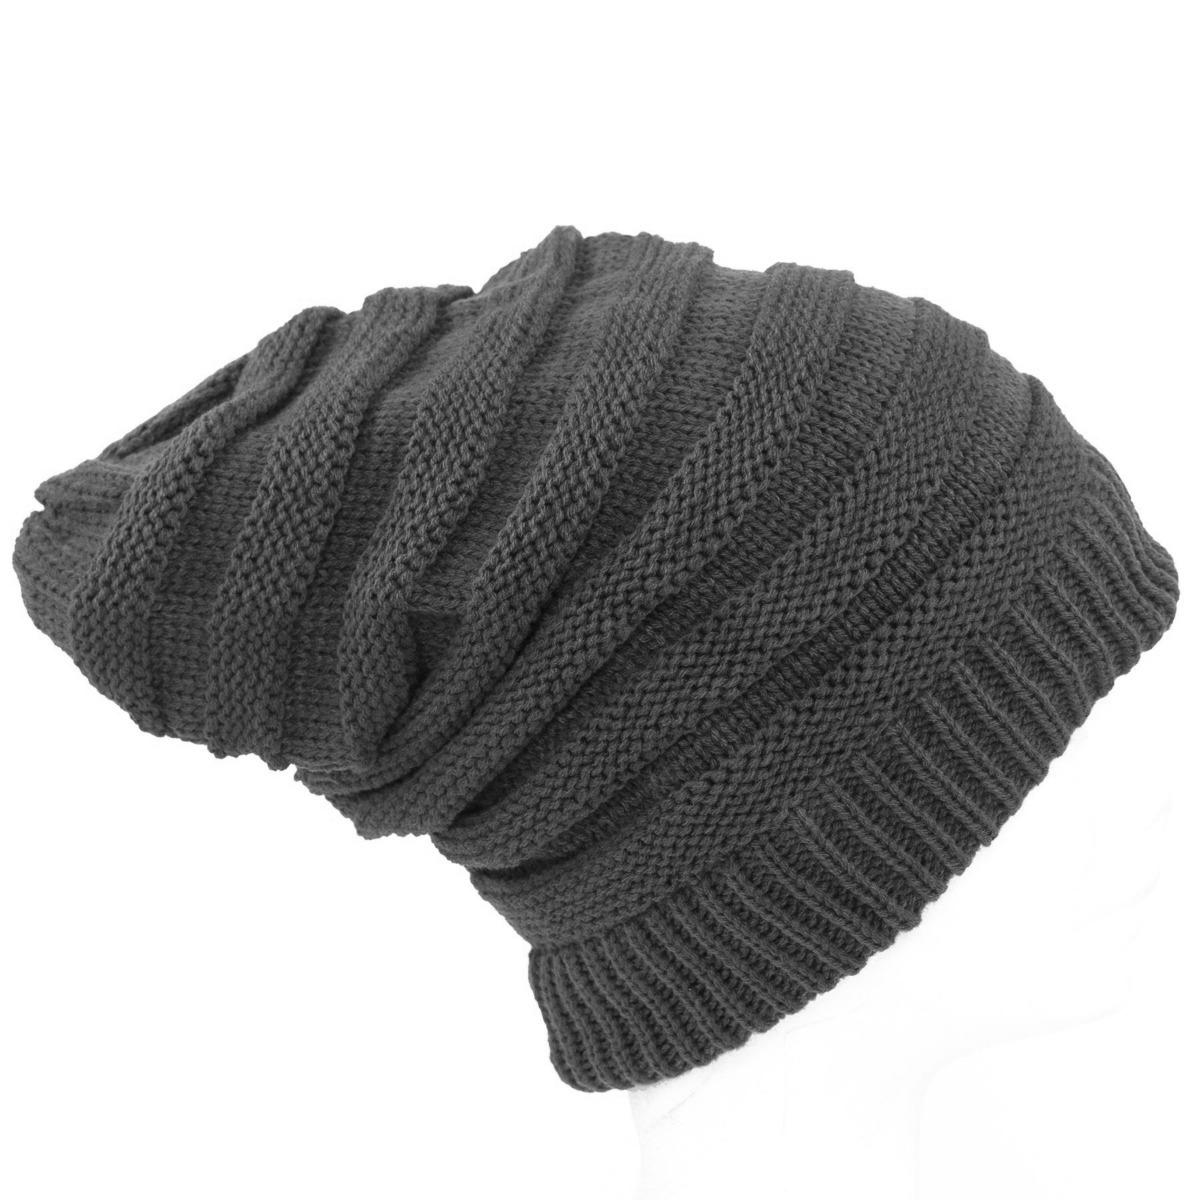 gorros de lana largos caidos beanie moda unisex color gris. Cargando zoom. a5c08dd6a65